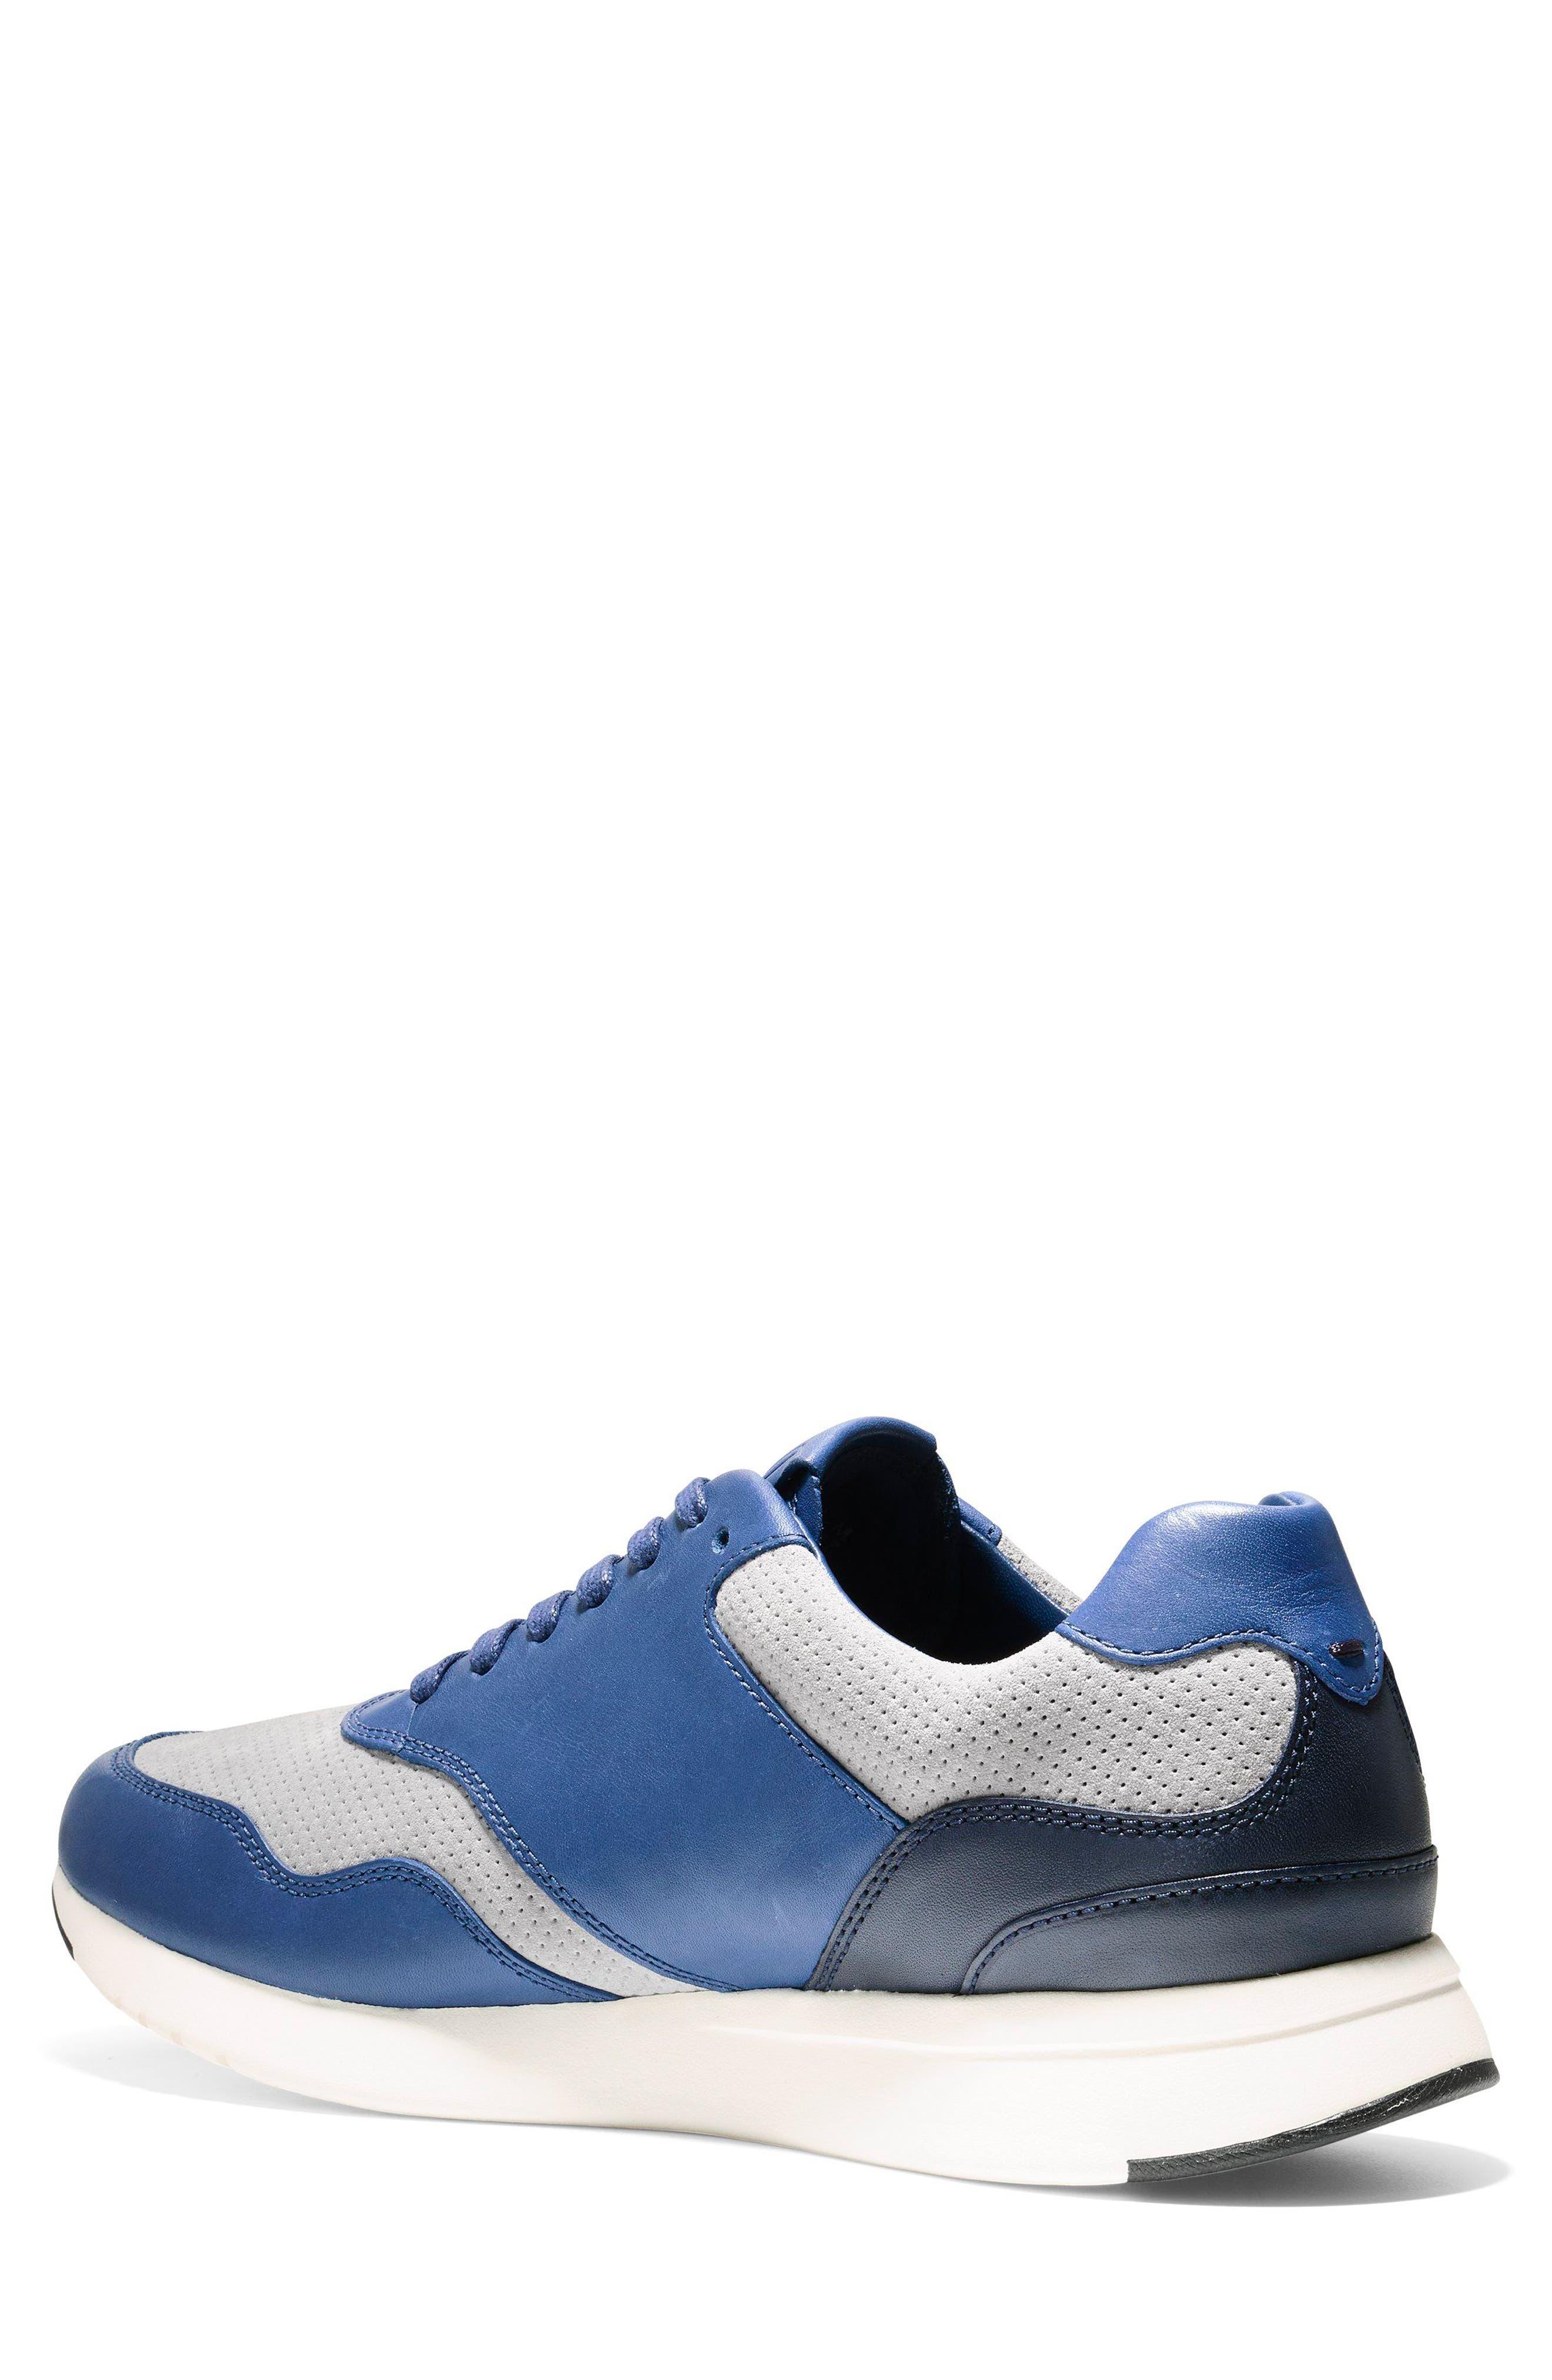 GrandPro Runner Sneaker,                             Alternate thumbnail 4, color,